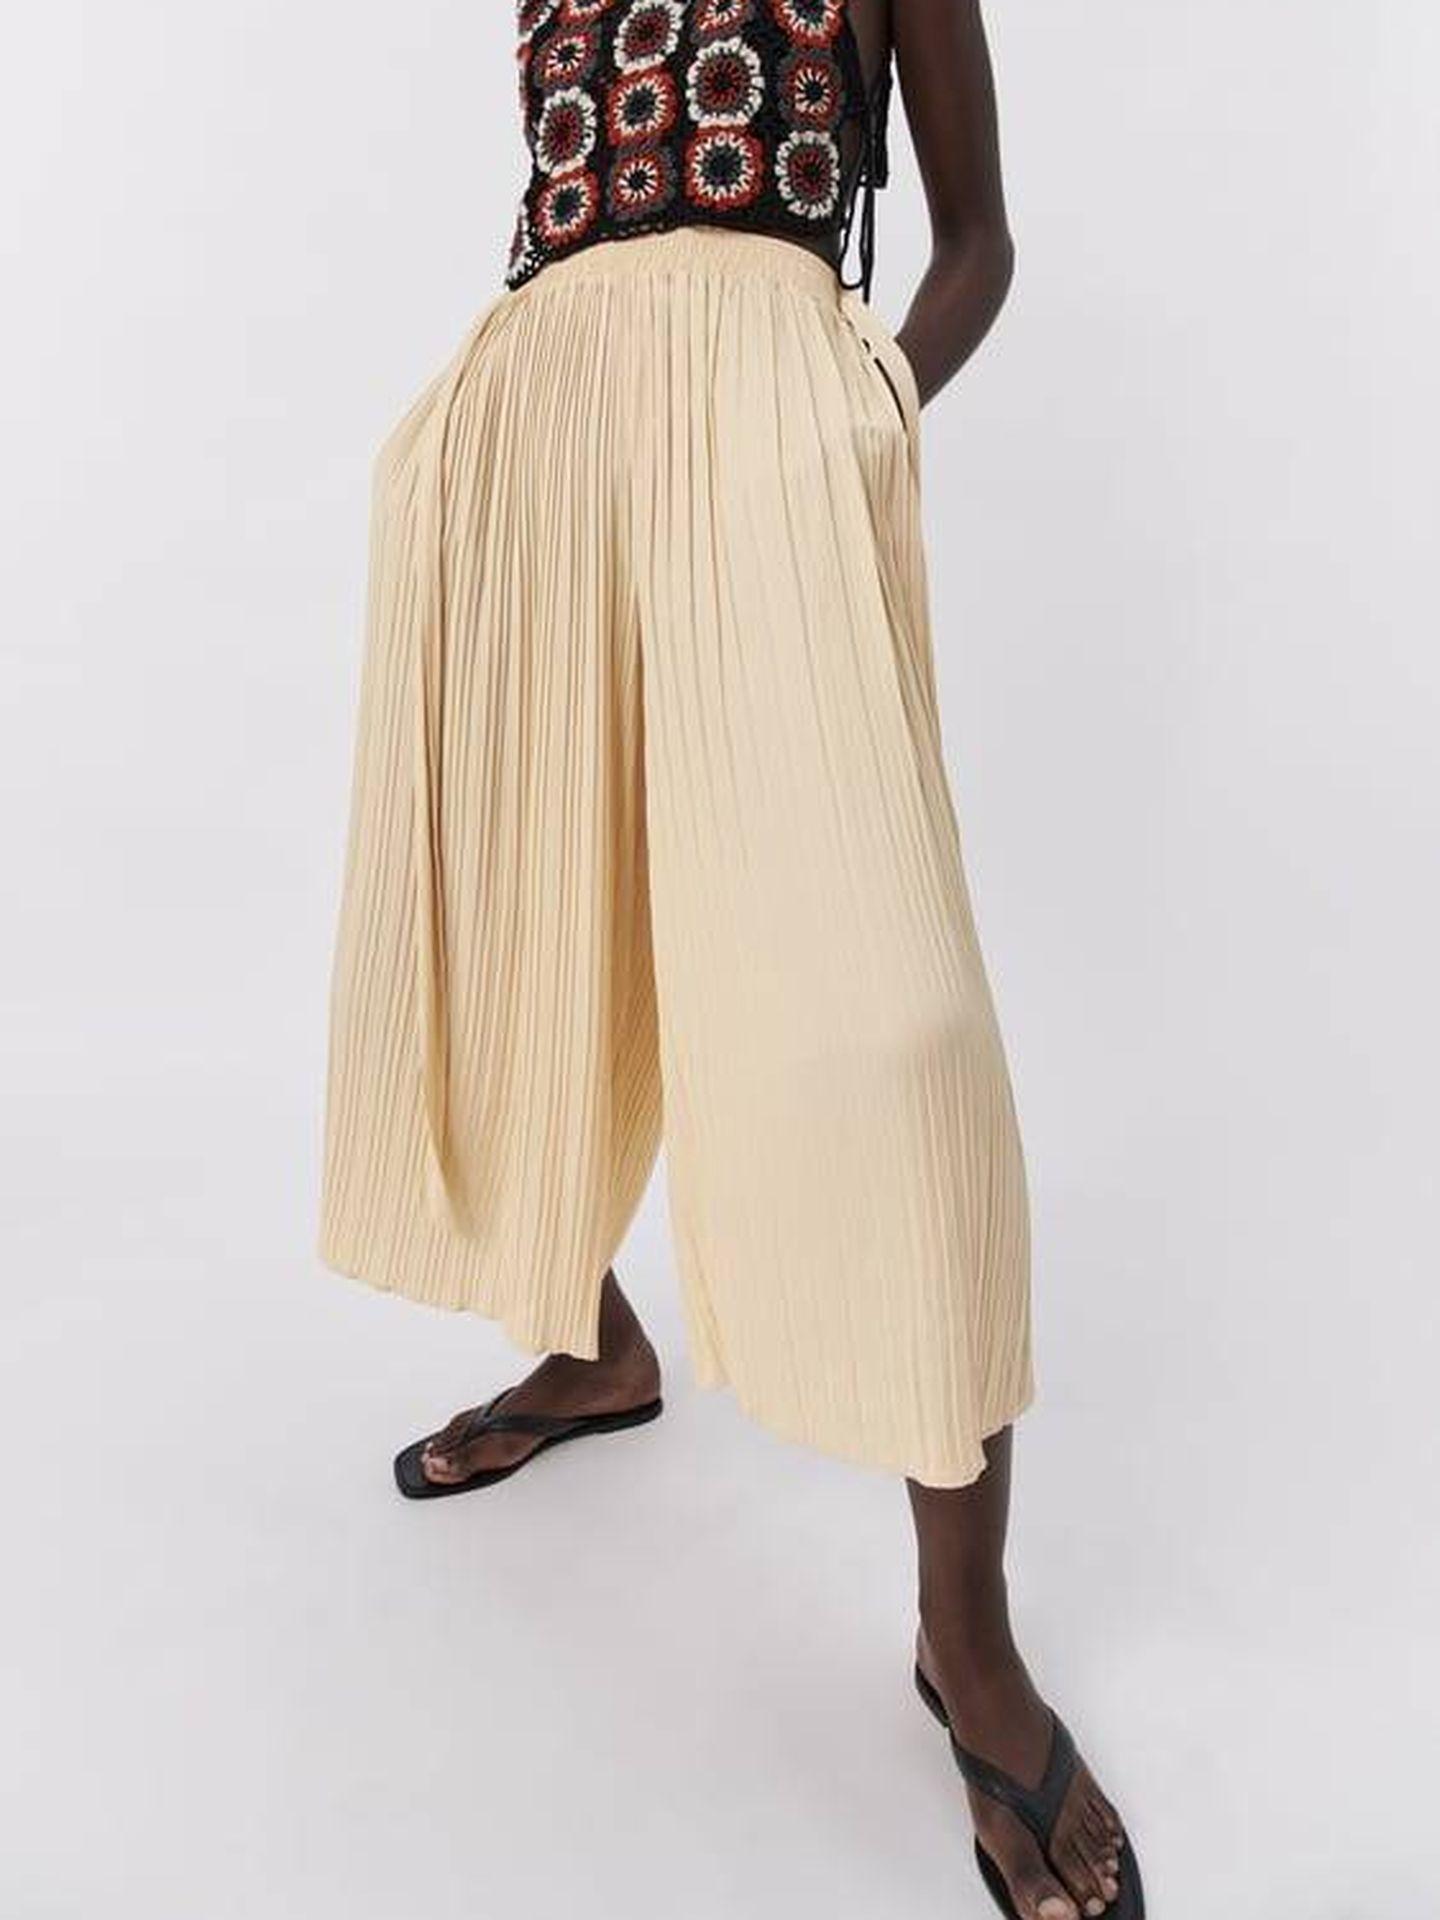 Pantalón rebajado de Zara. (Cortesía)